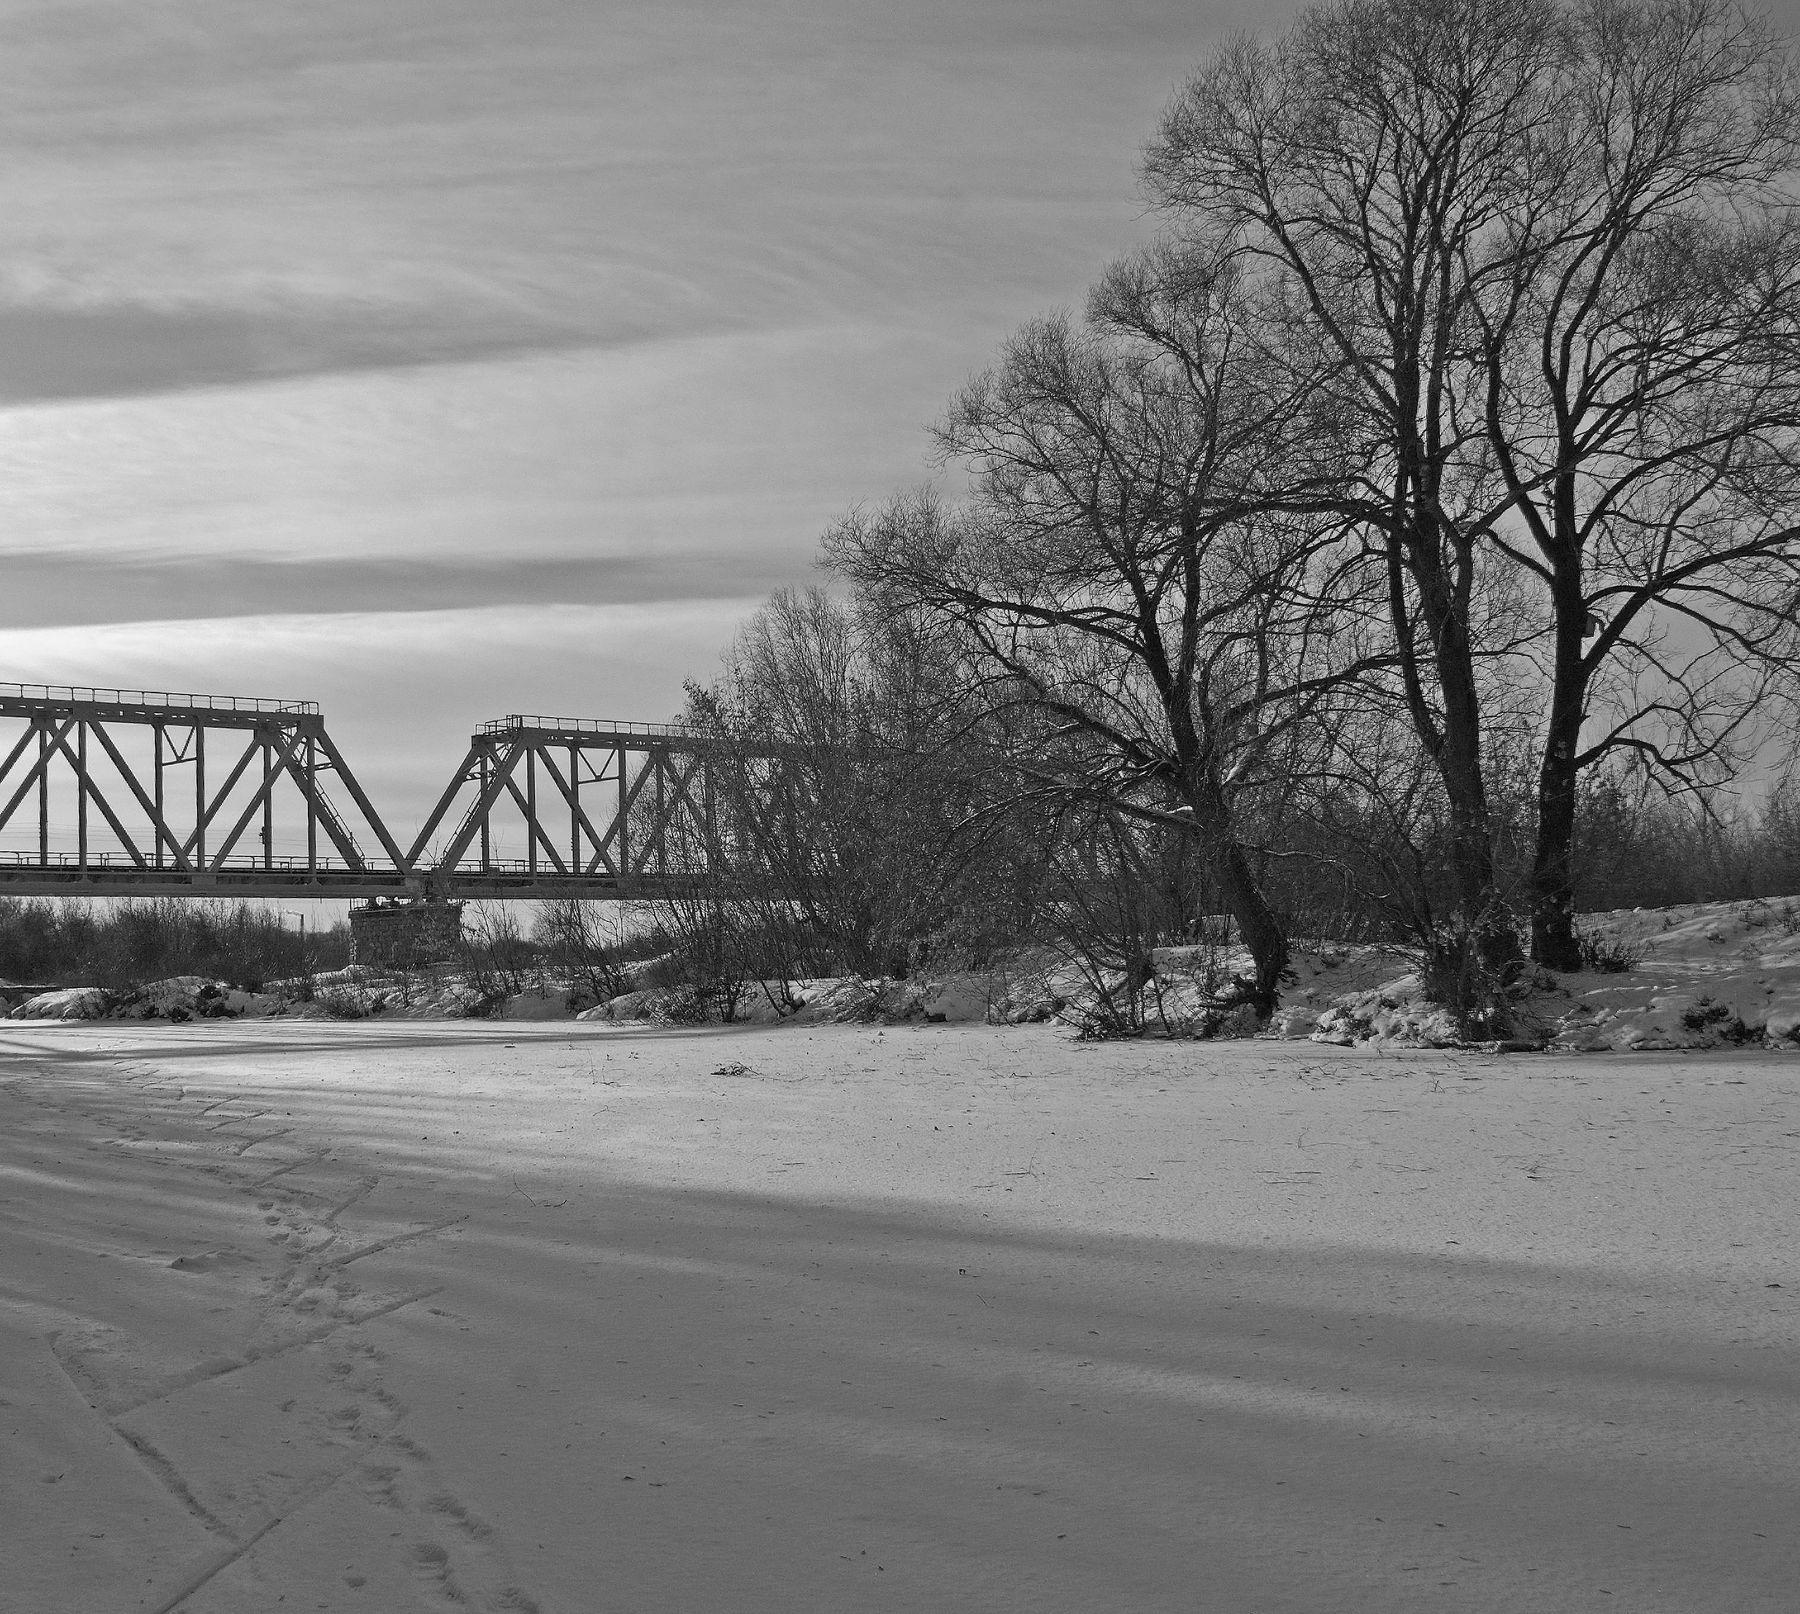 Зимний пейзаж с мостом.